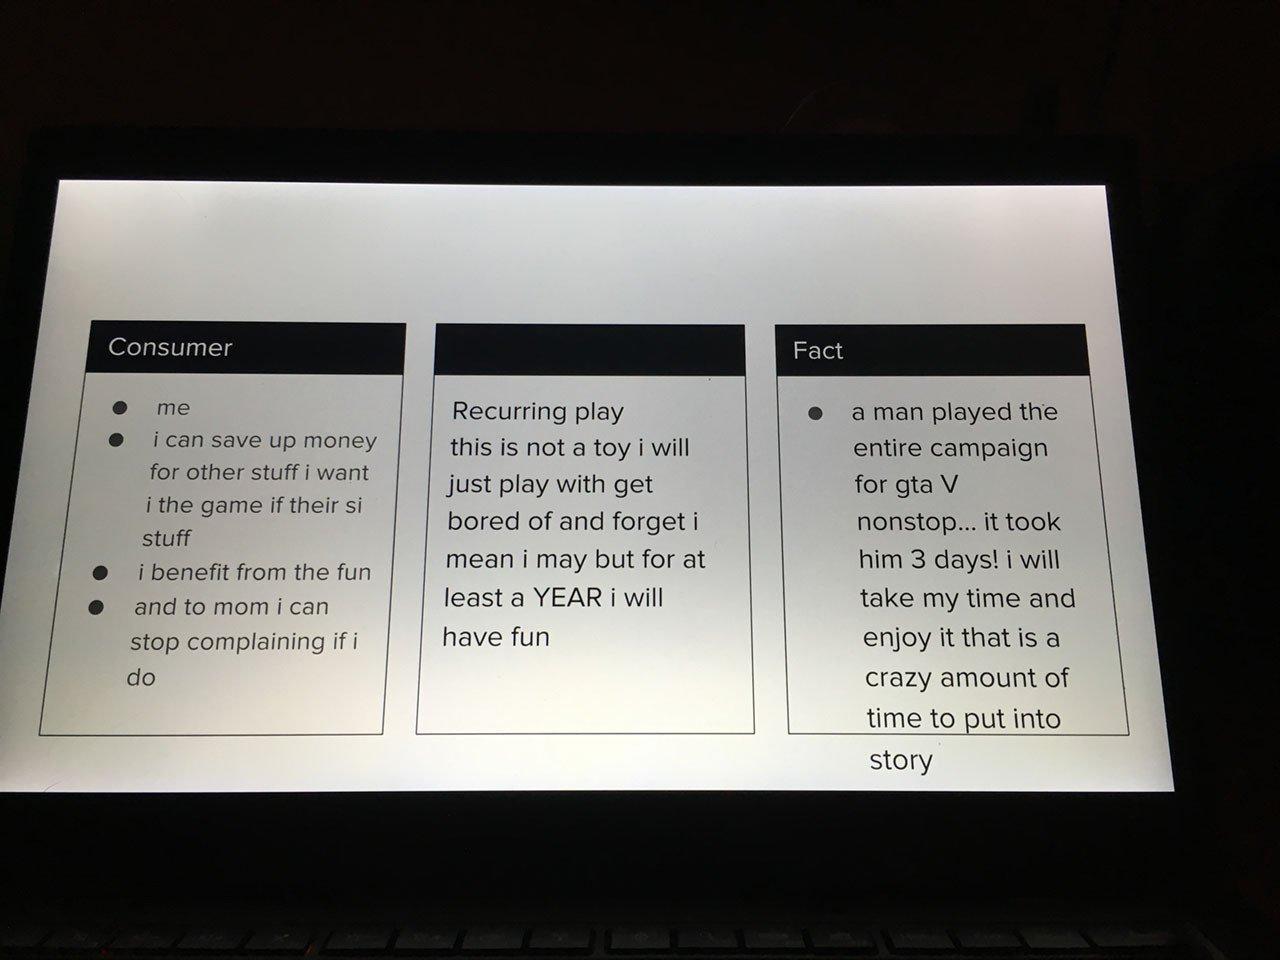 13-летний мальчик убедил родителей купить ему GTA V с помощью презентации в PowerPoint. - Изображение 6